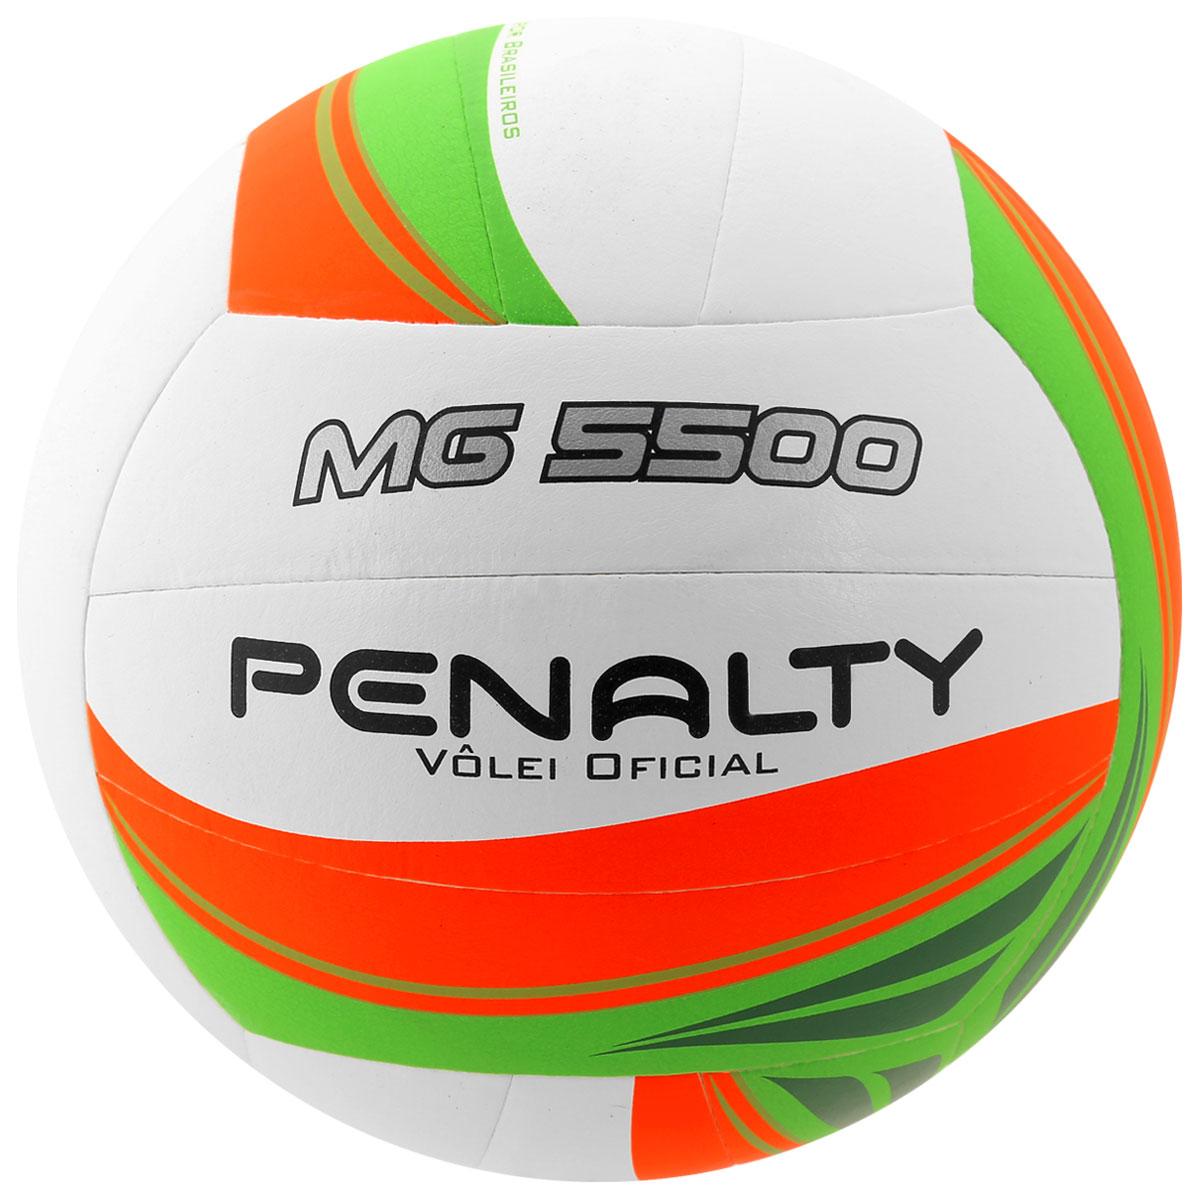 Bola de Vôlei MG 5500 - Penalty